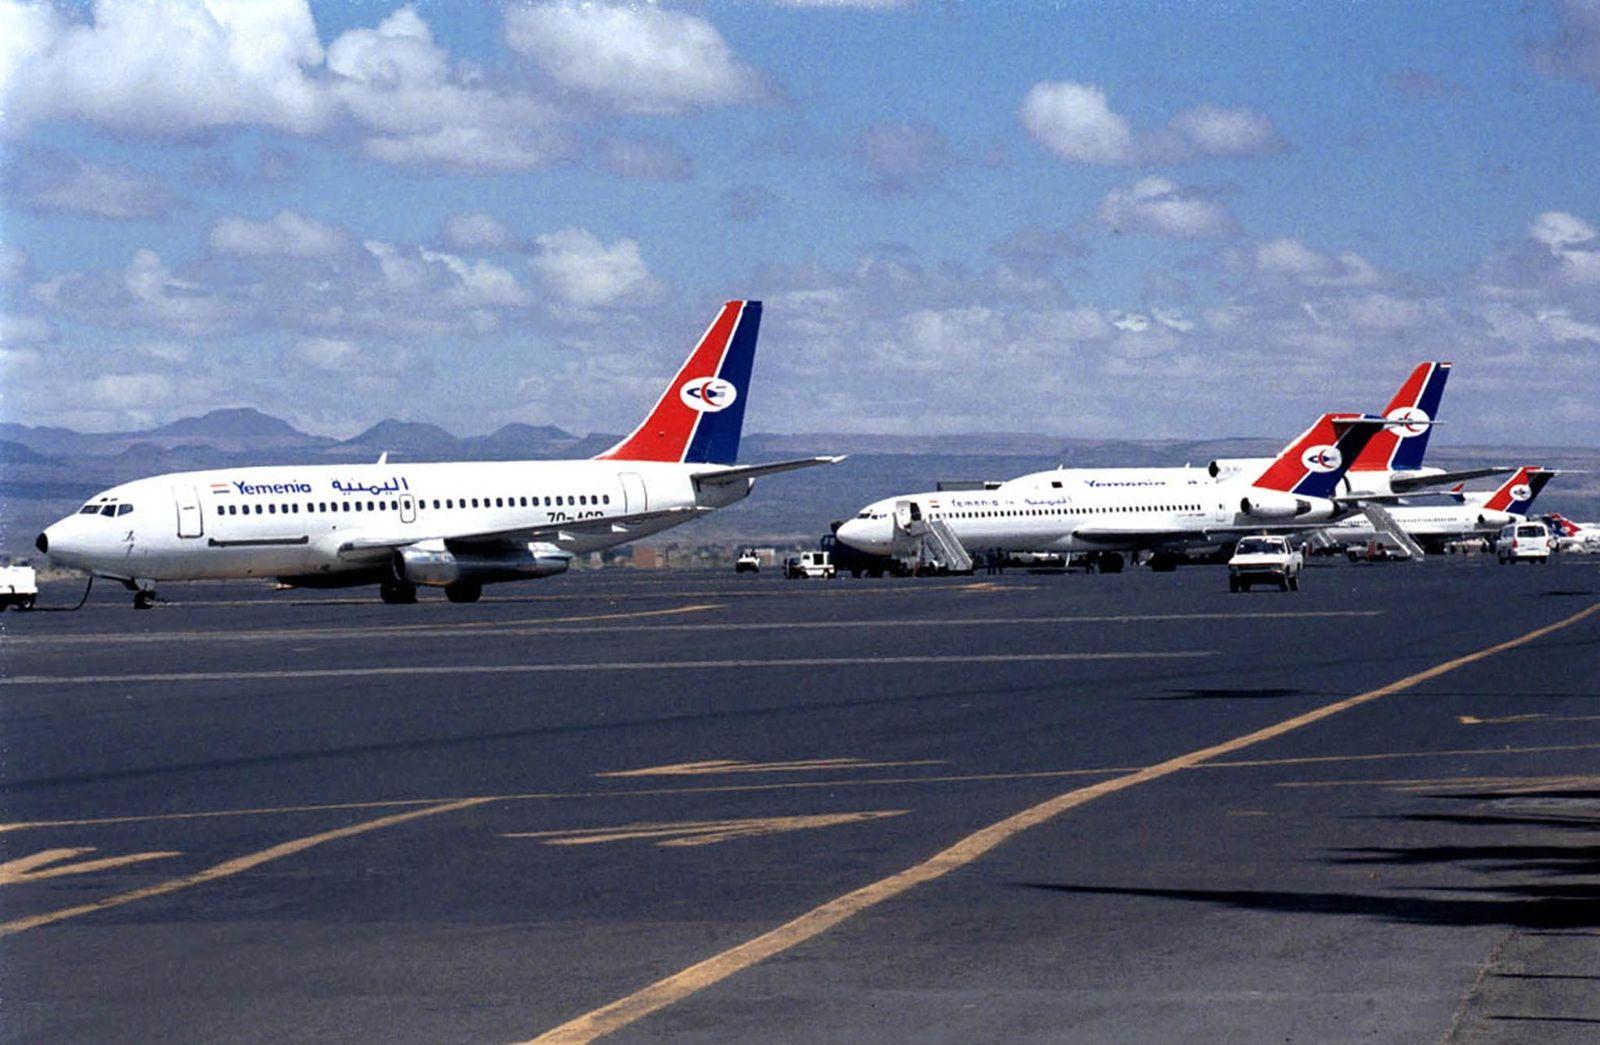 Yemen Air Flugzeuge